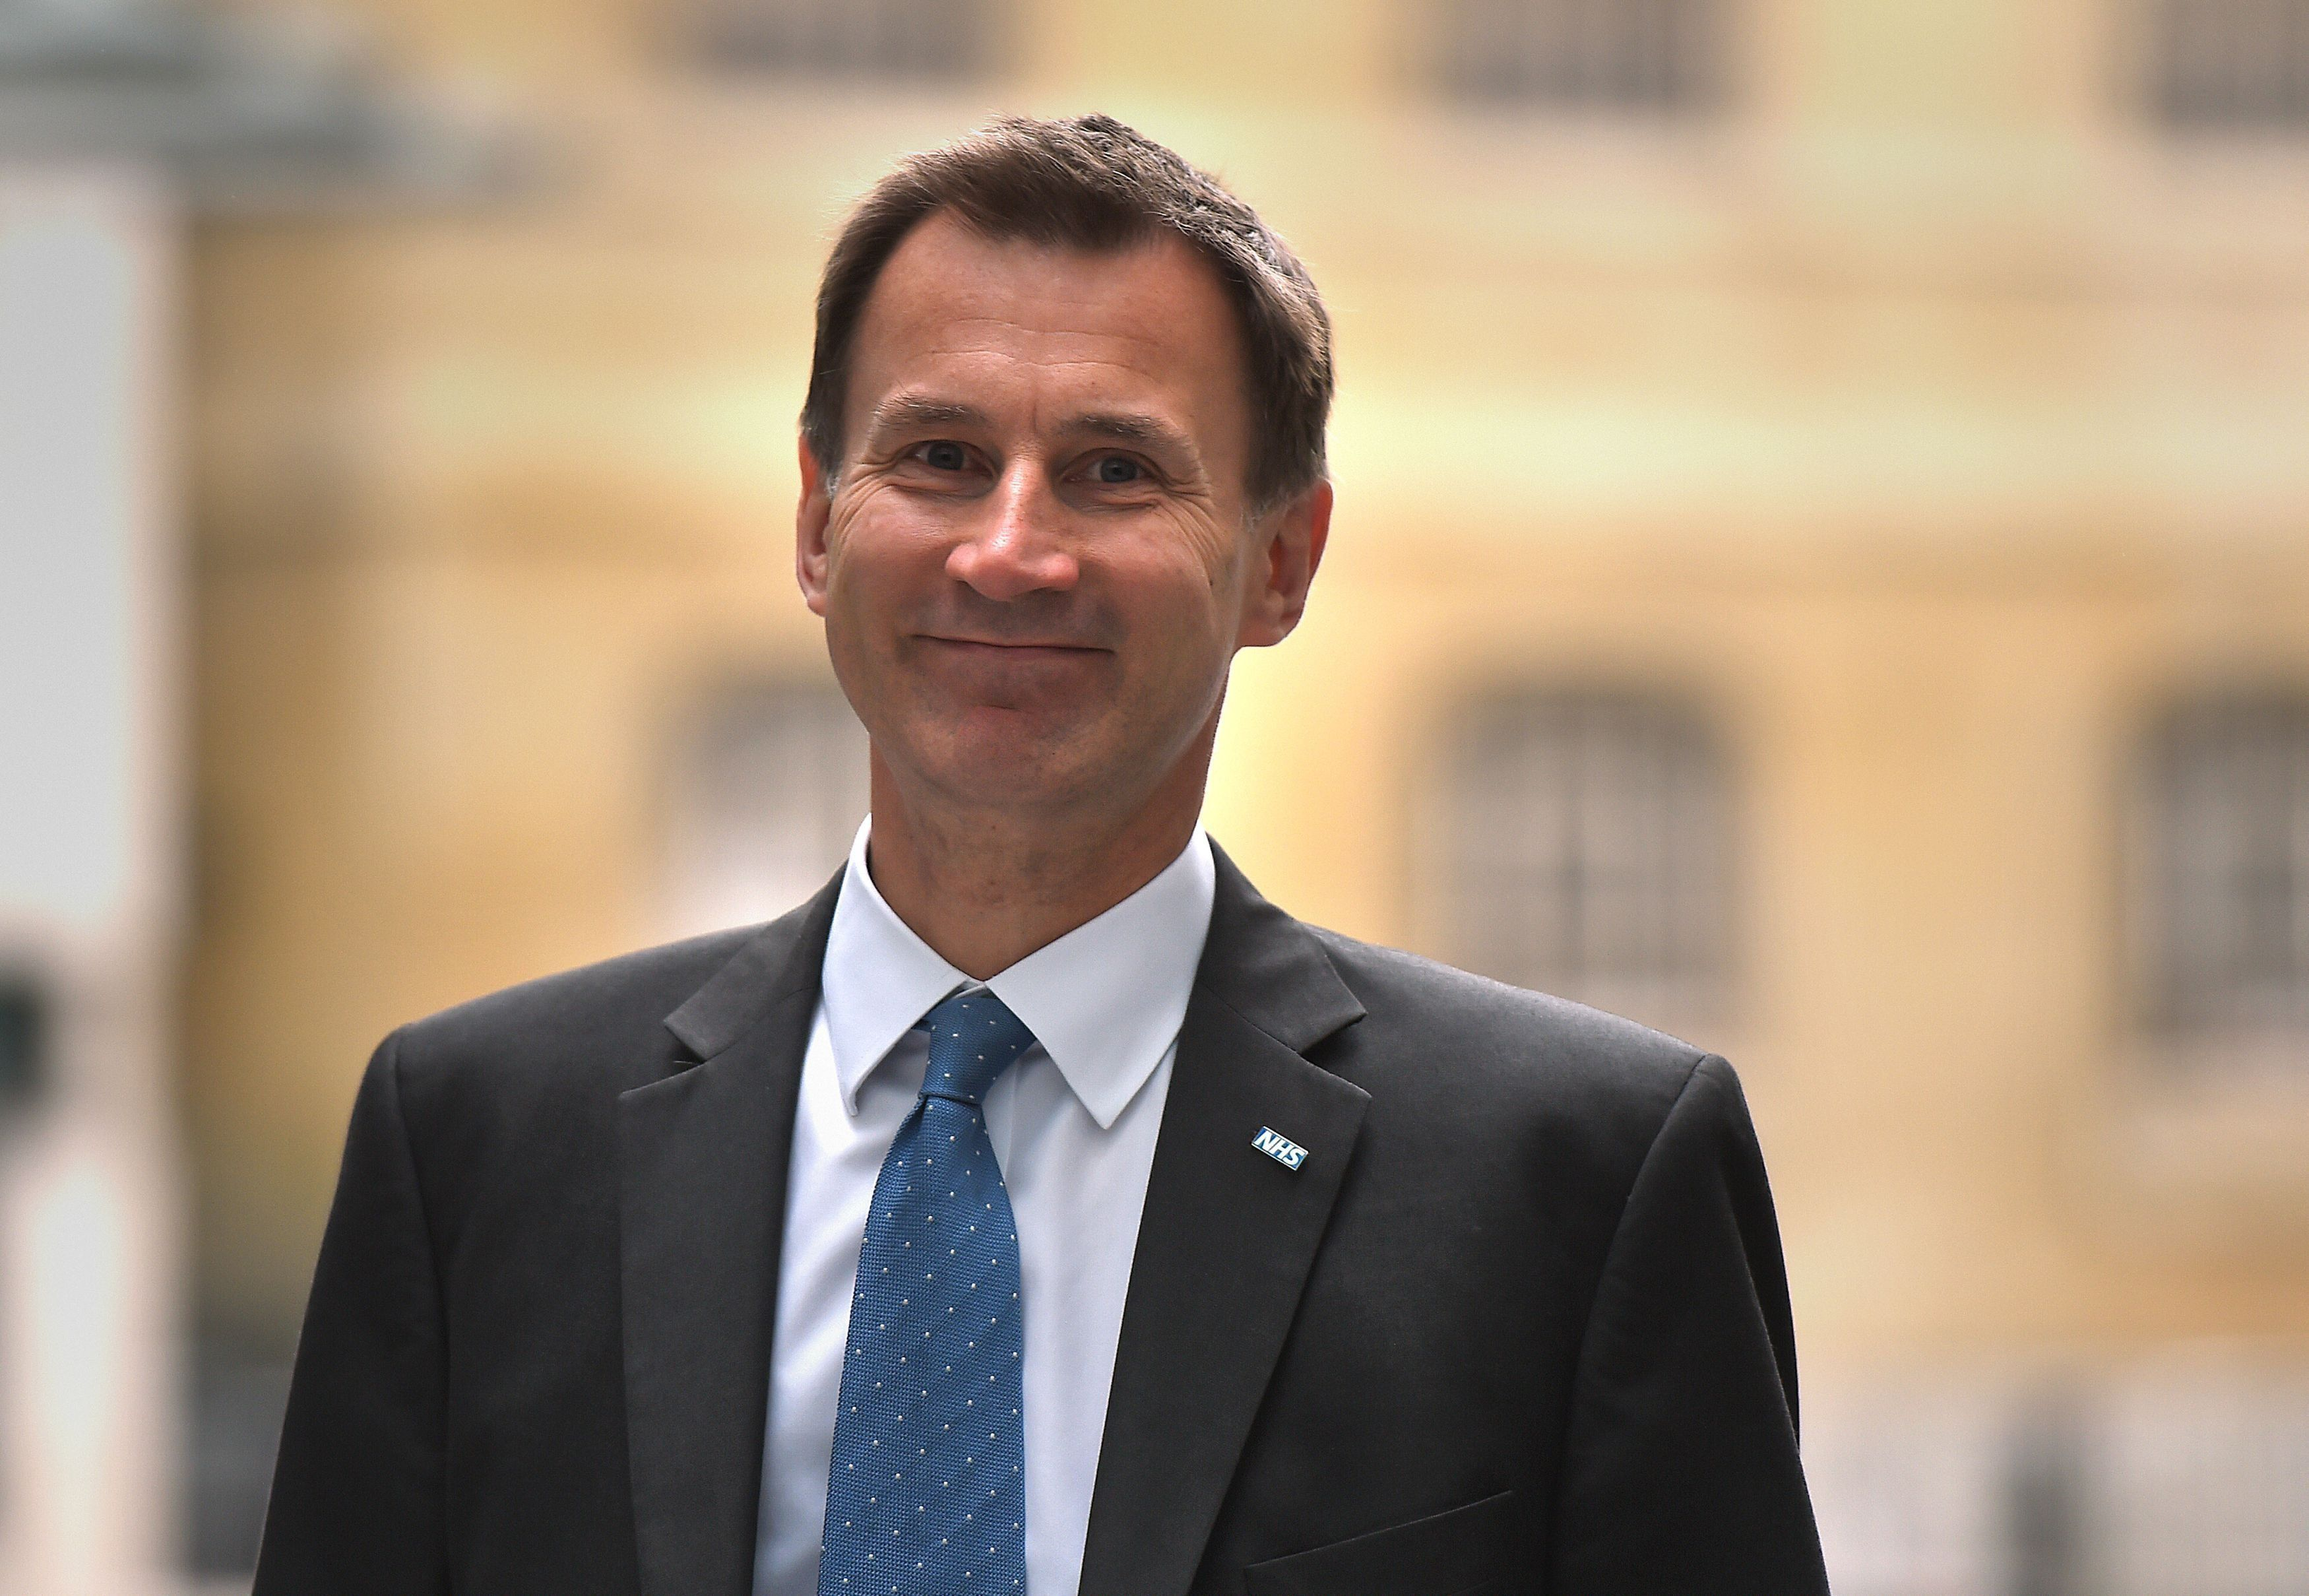 'Patients Want Human Doctors, Not Robots', Medics Tell Jeremy